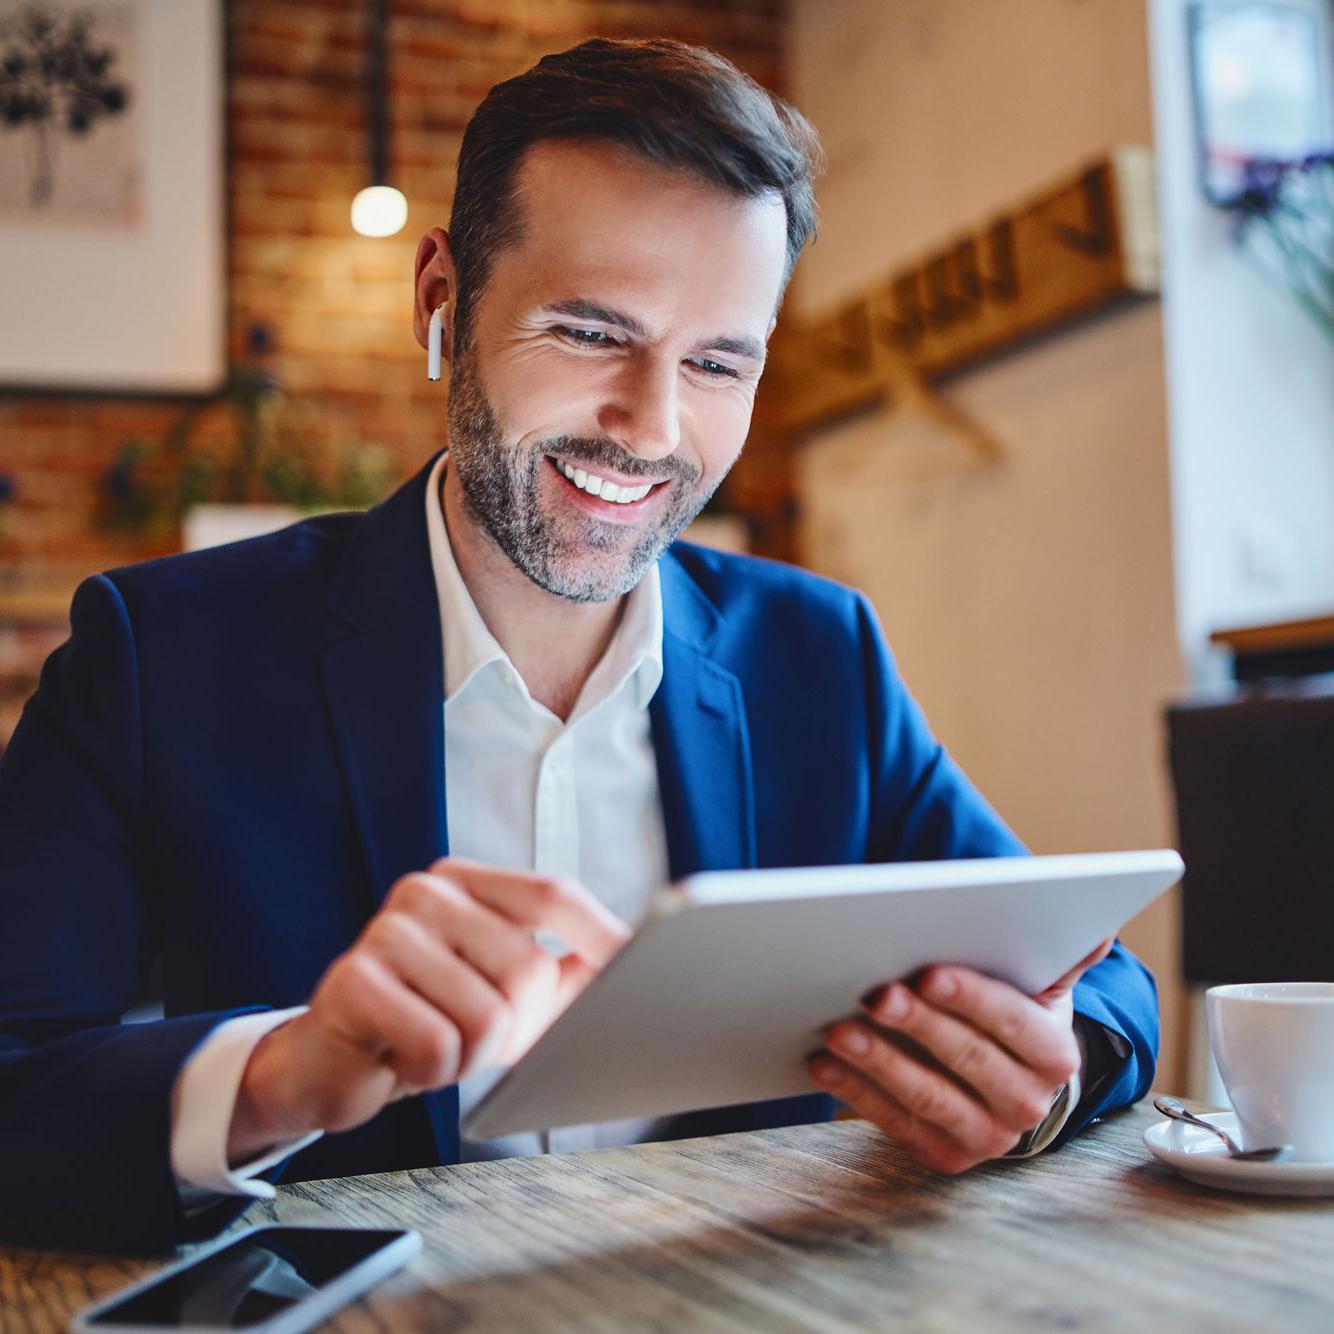 Freundlicher Restaurantinhaber mit Tablet an Tisch sitzend | Delicious Data